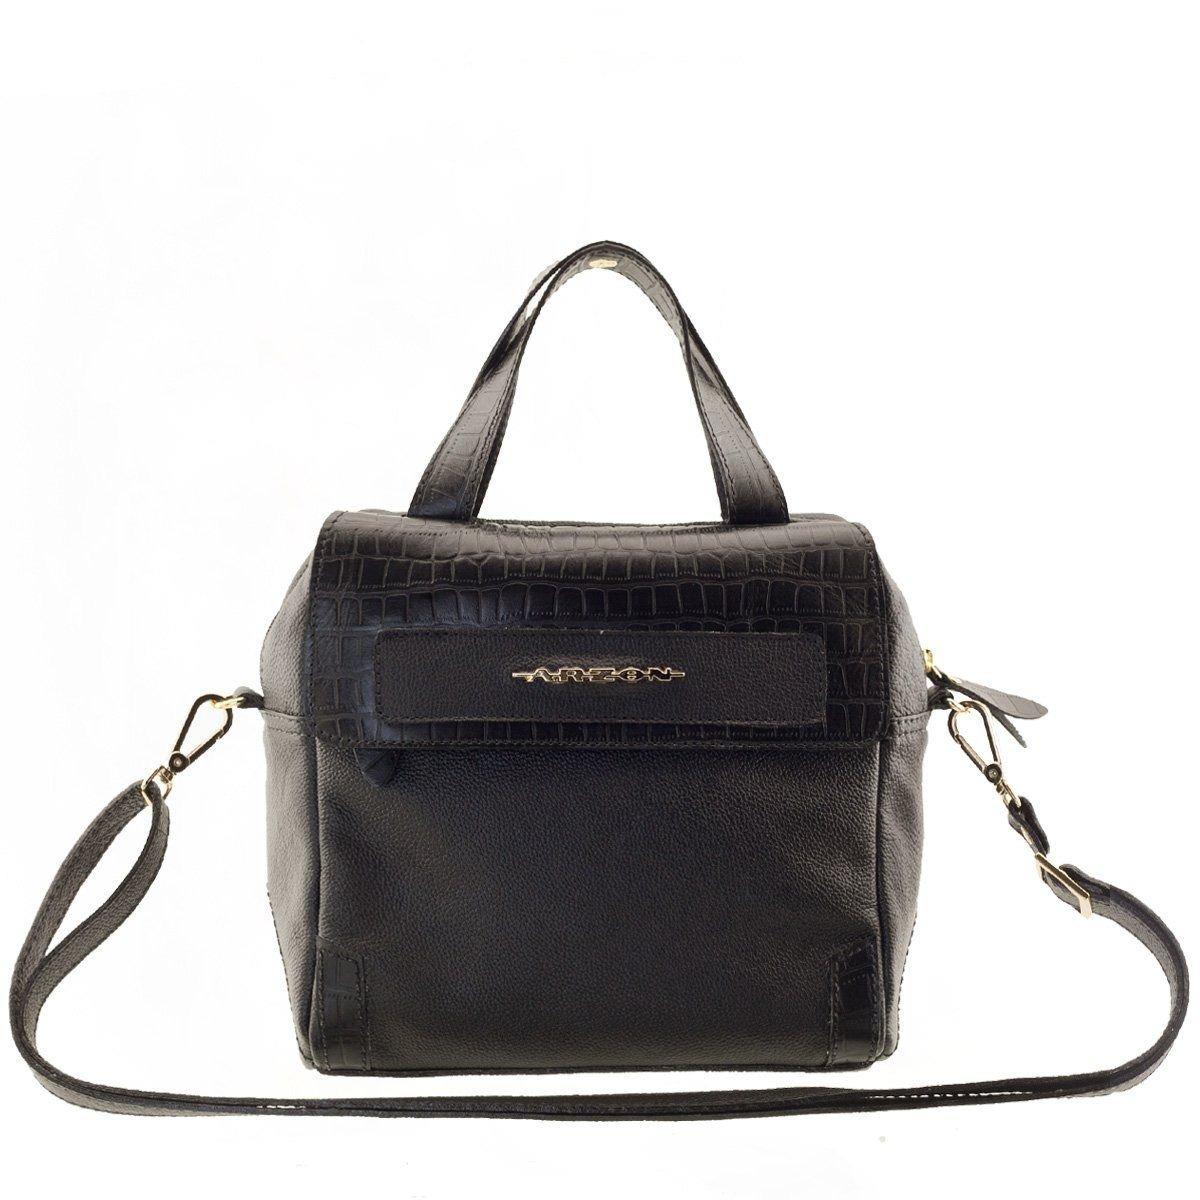 474fb3357 Bolsa Feminina Em Couro Preto Fosco - R$ 370,84 em Mercado Livre